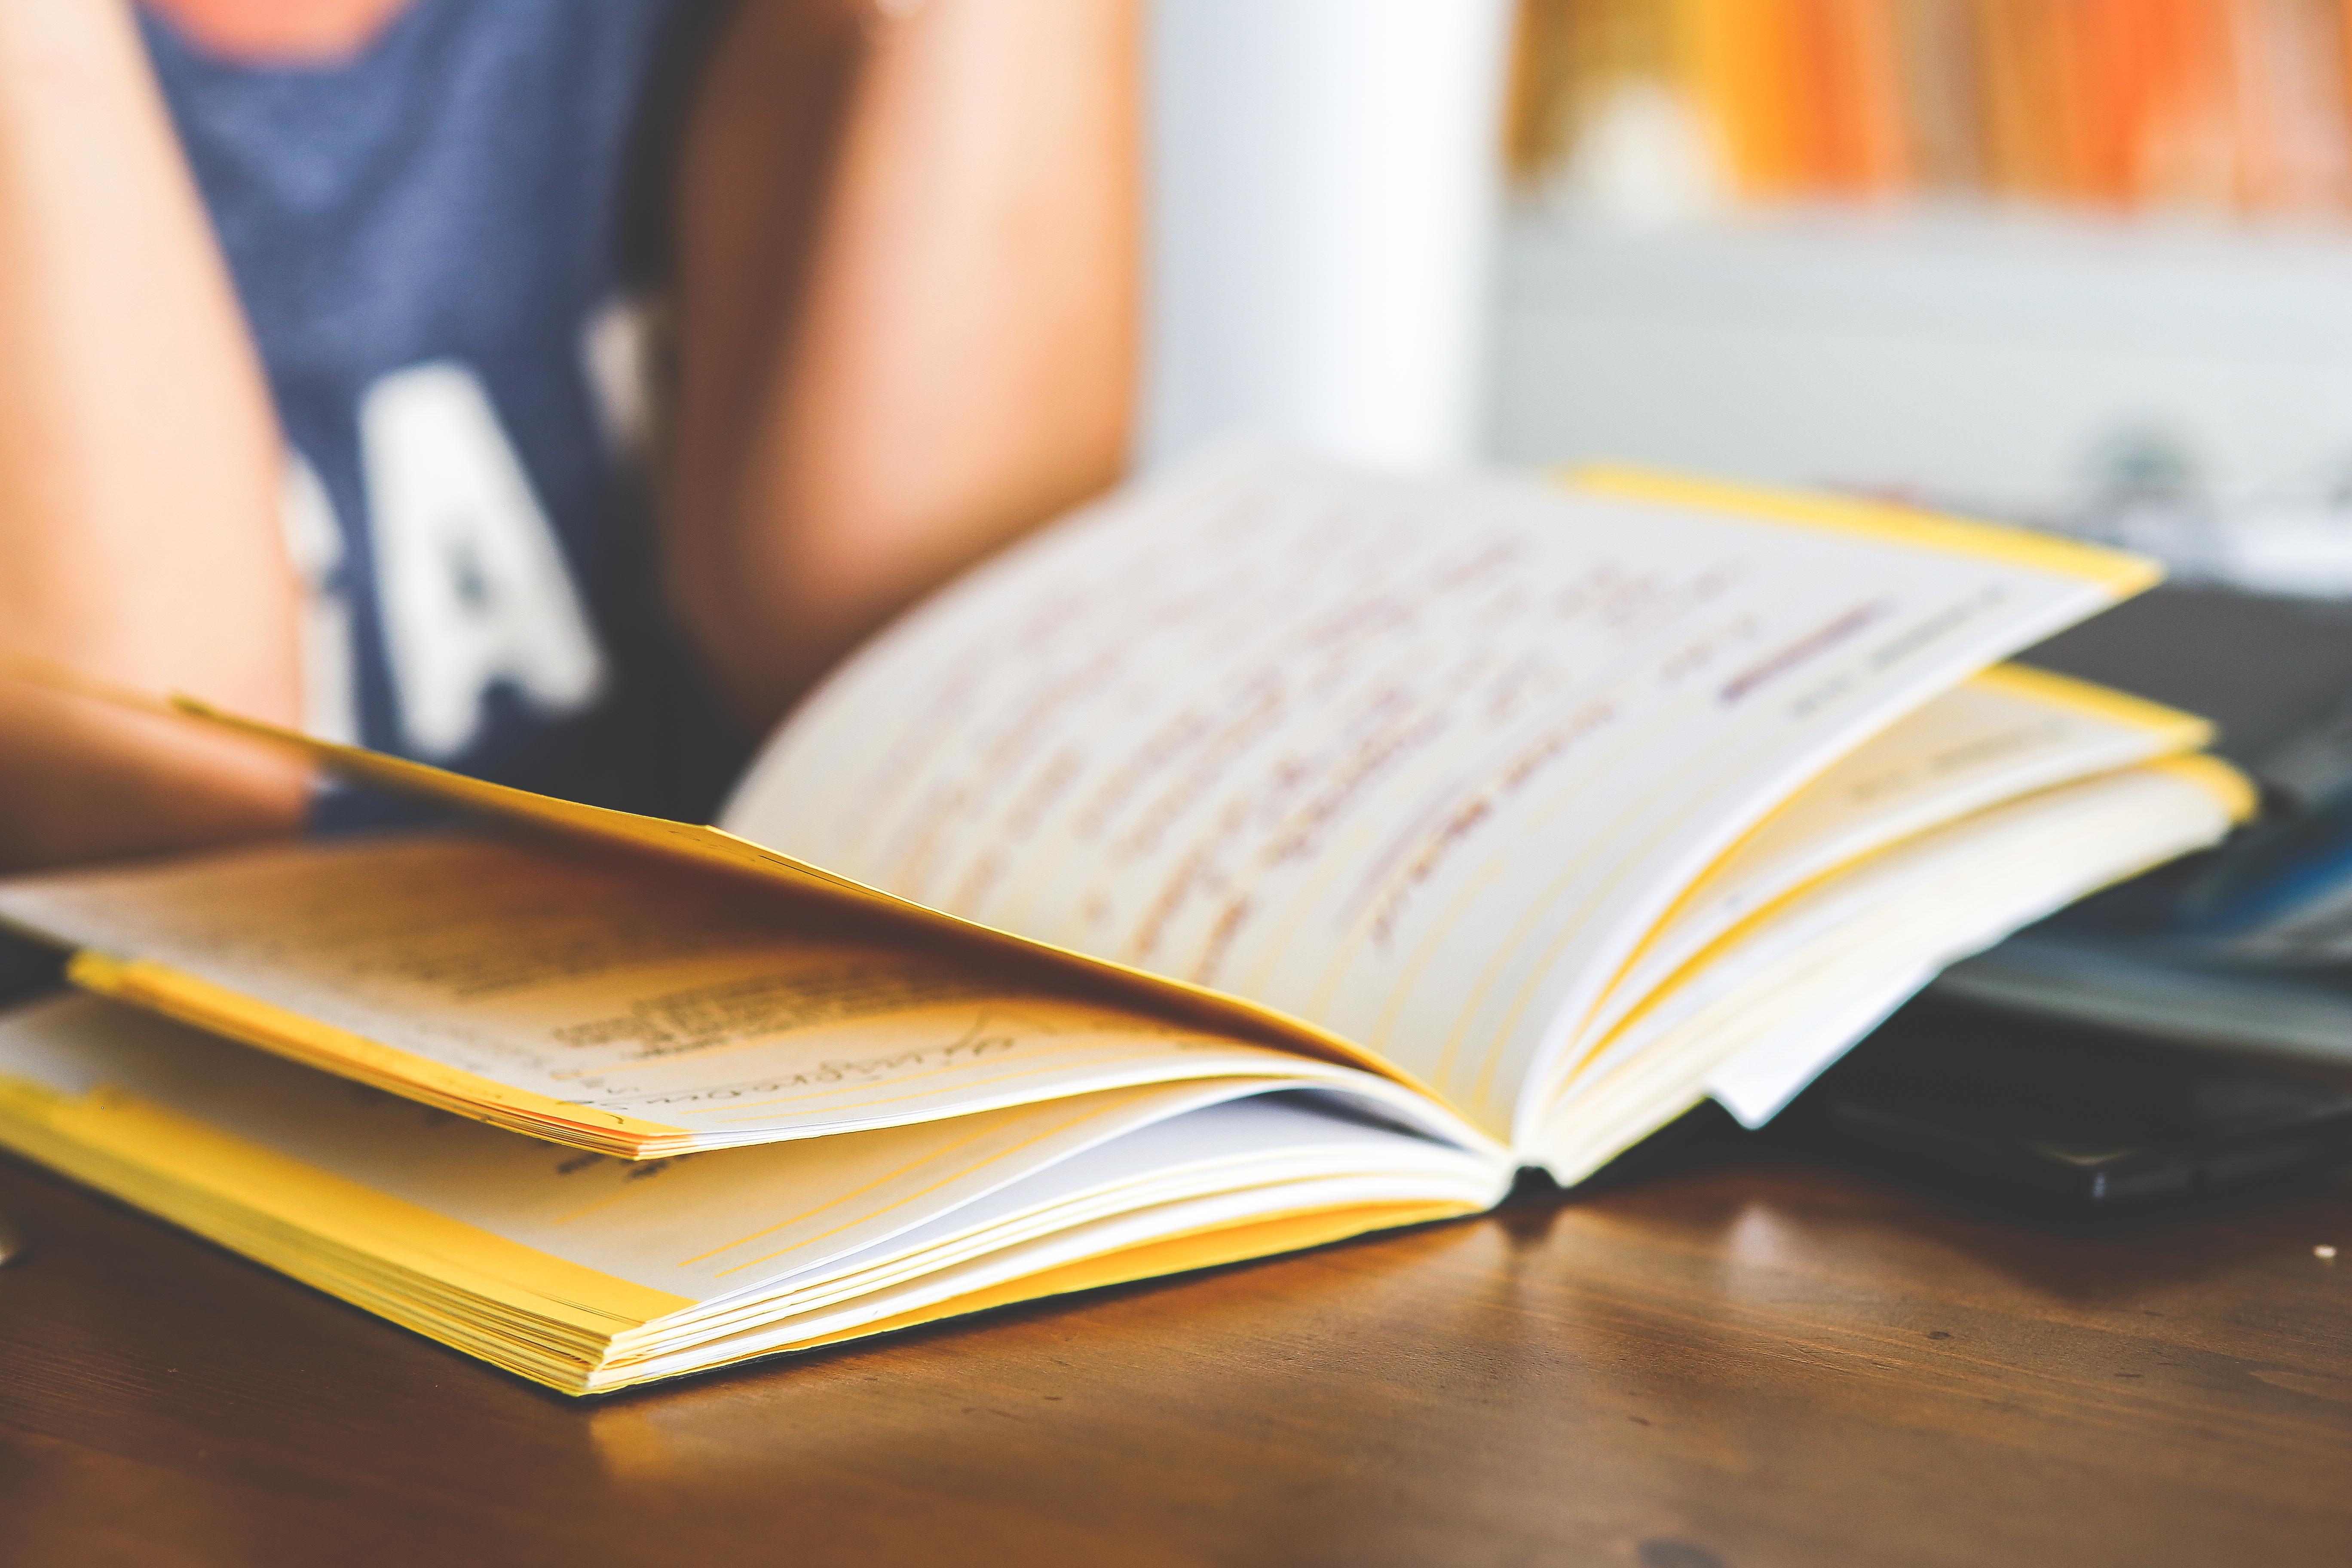 Jak wydać książkę? Krok po kroku